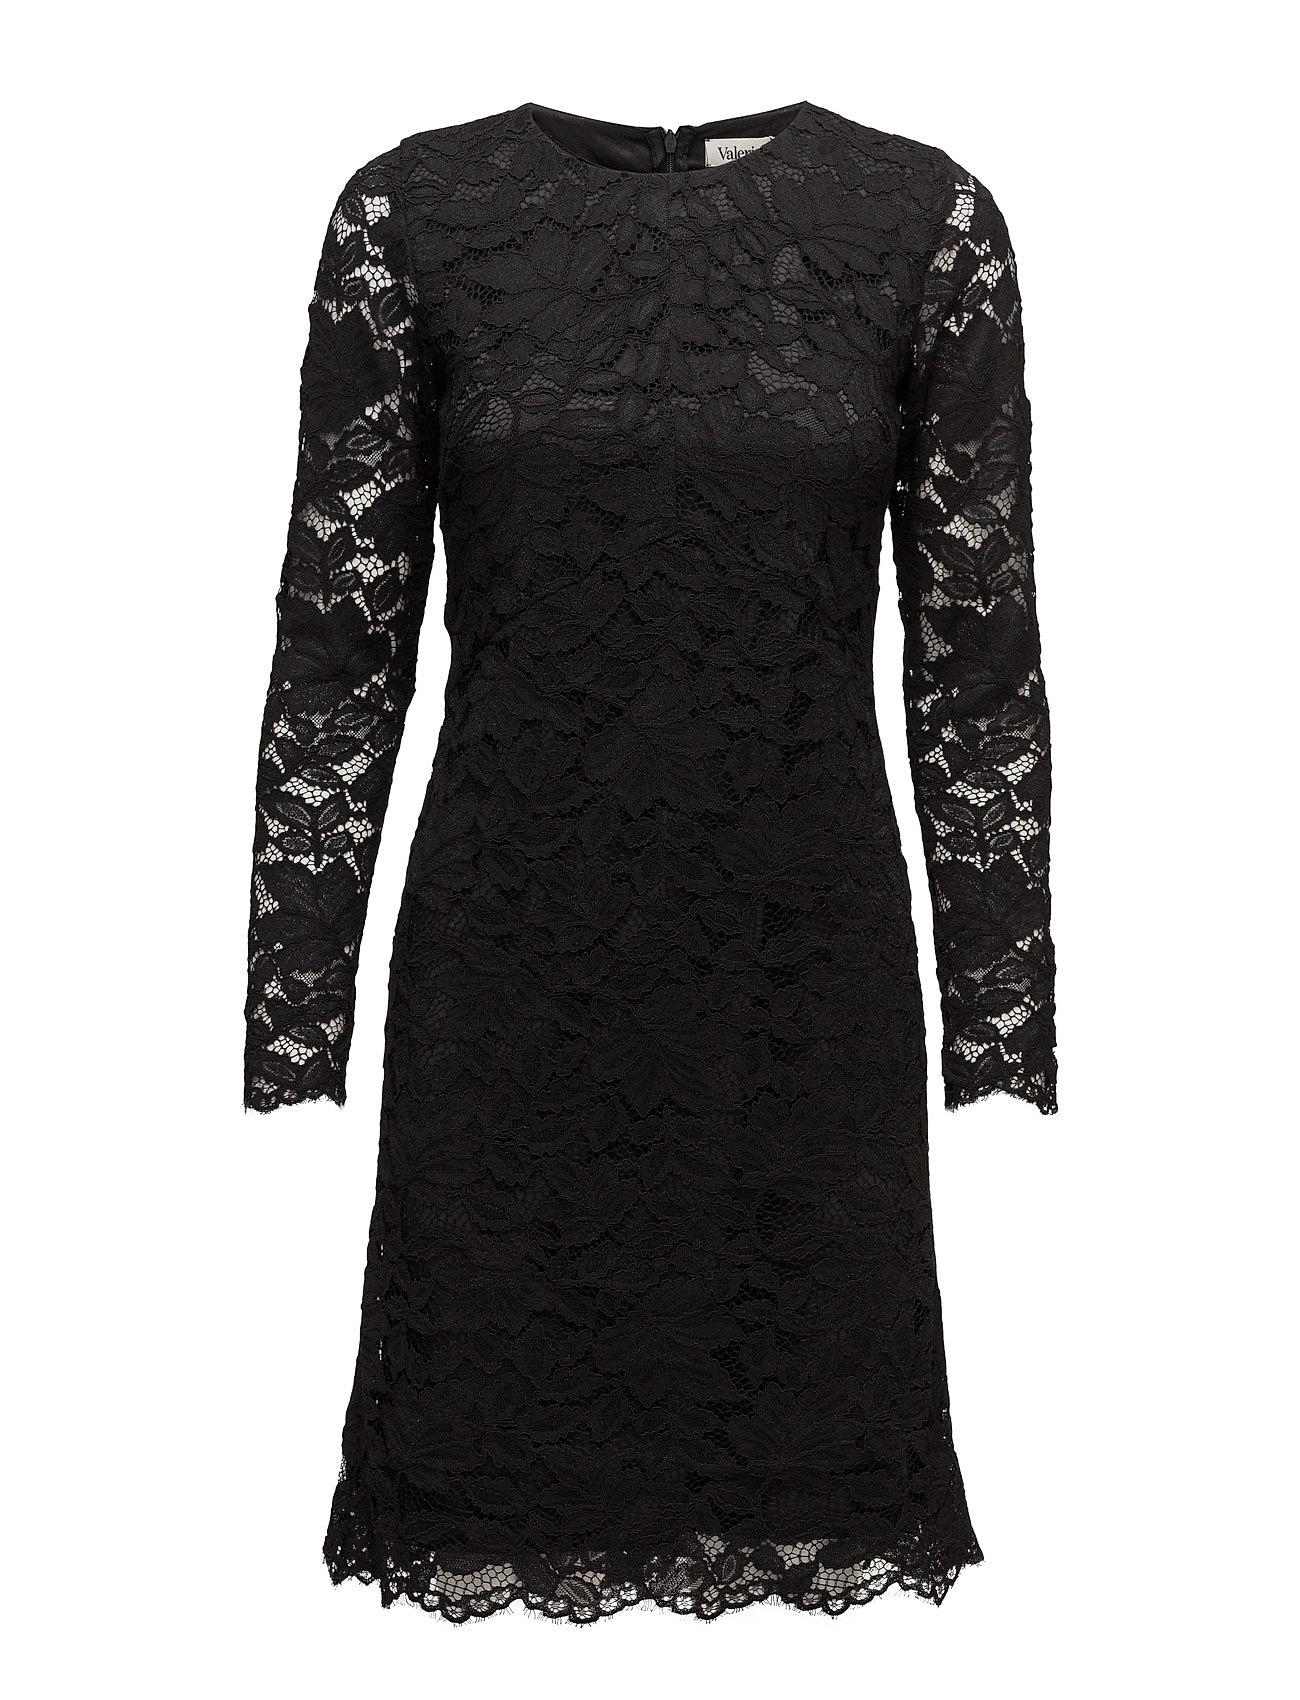 valerie – Hello short dress på boozt.com dk